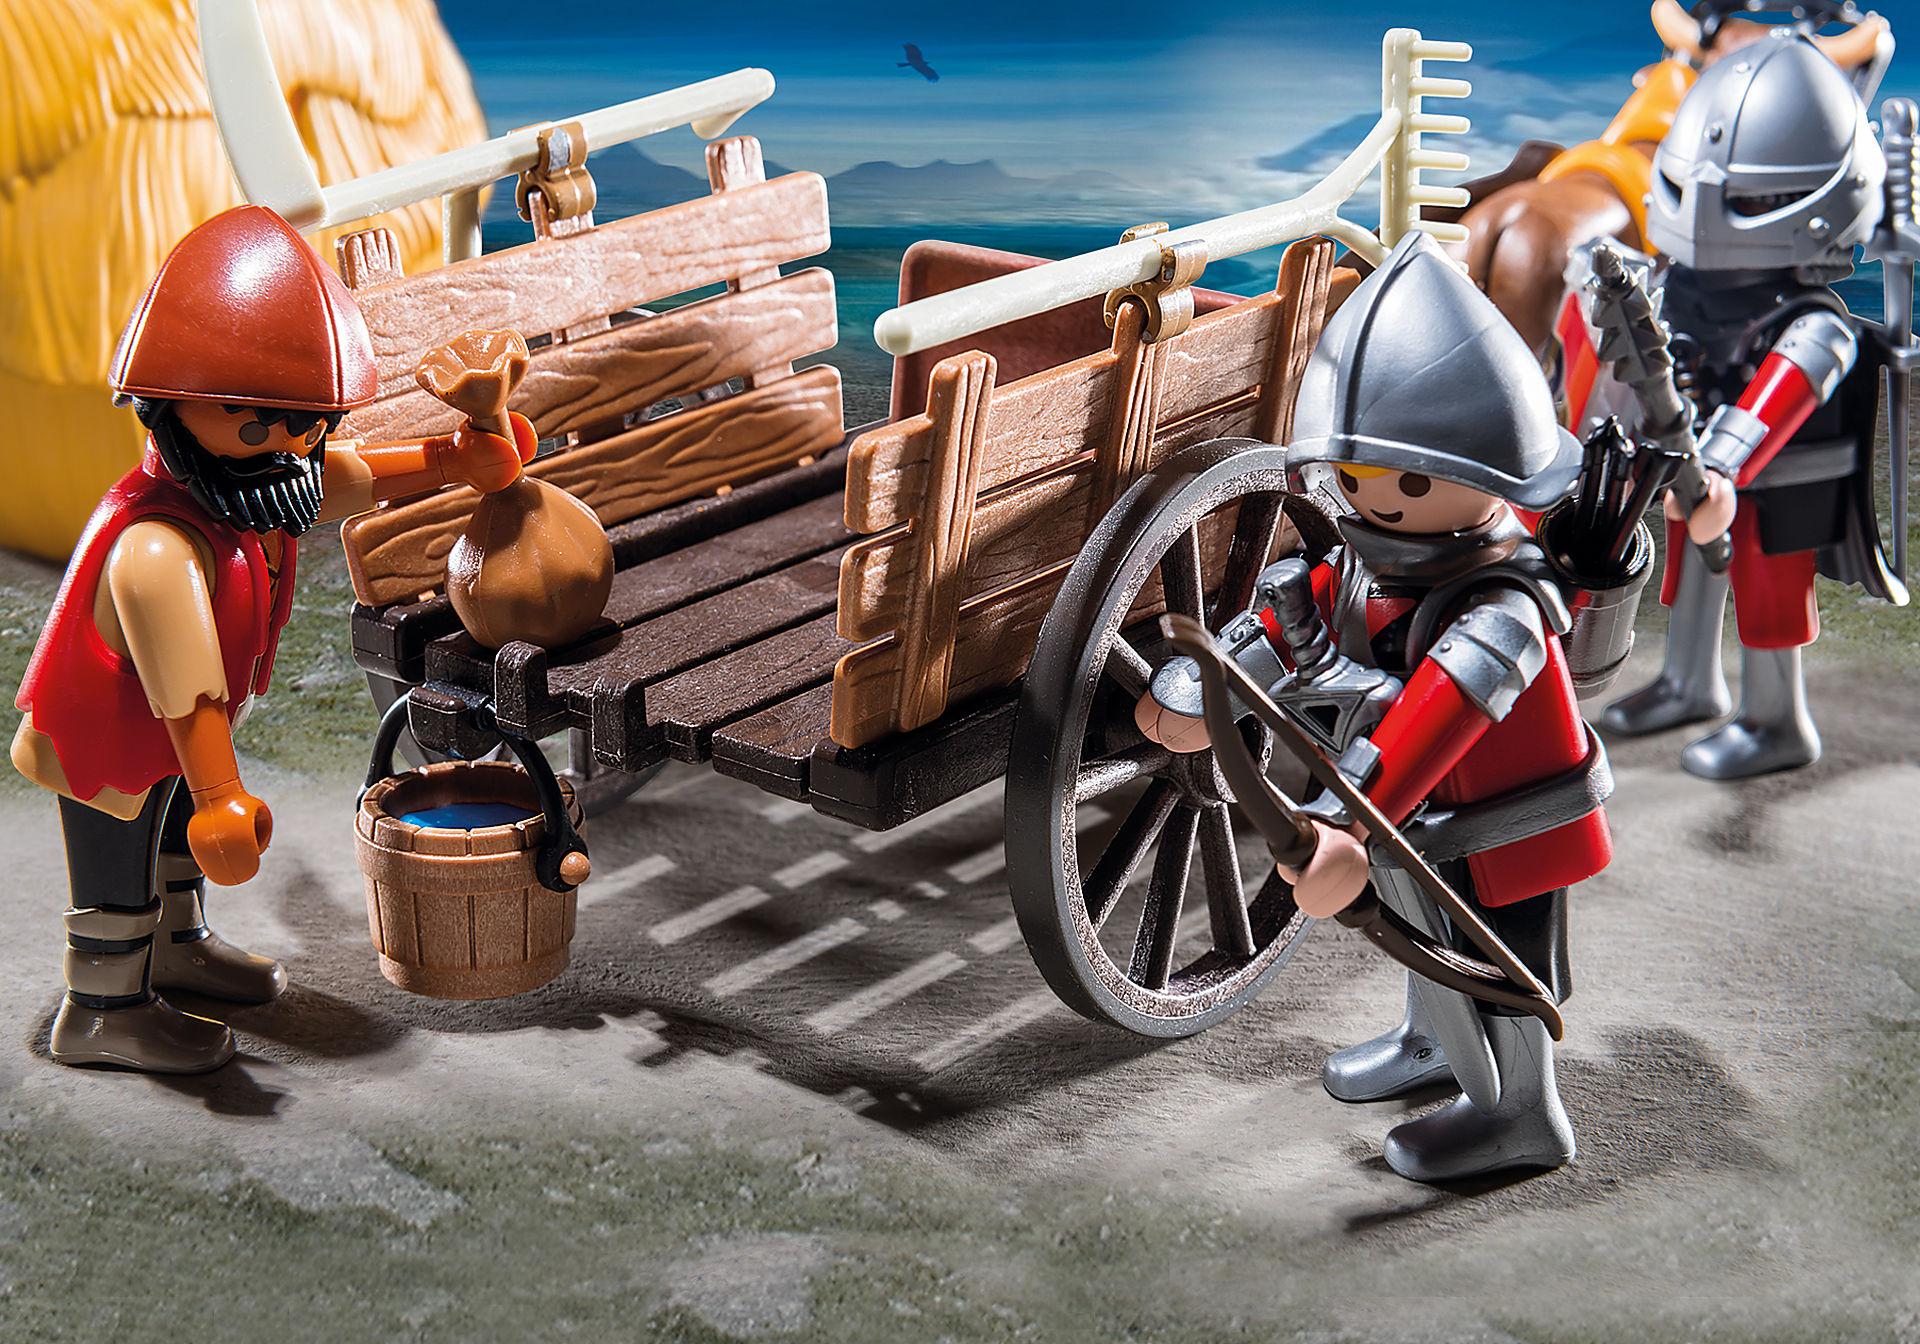 http://media.playmobil.com/i/playmobil/6005_product_extra2/Cavaleiros do Falcão com Carroça Camuflada